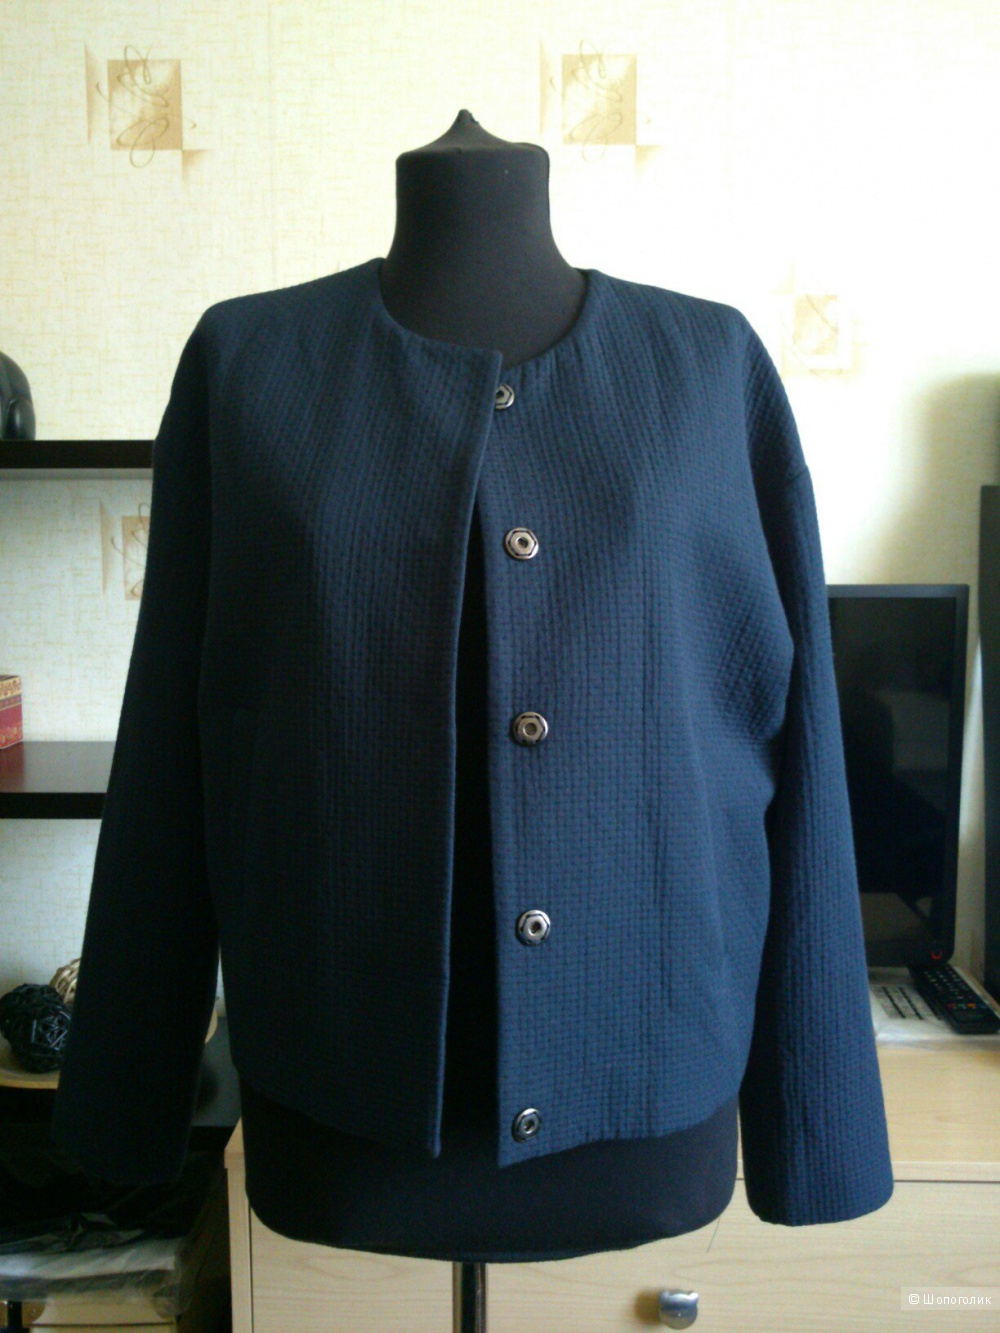 SISSY-BOY, легкая куртка (жакет). Размер: S (на 44 размер).